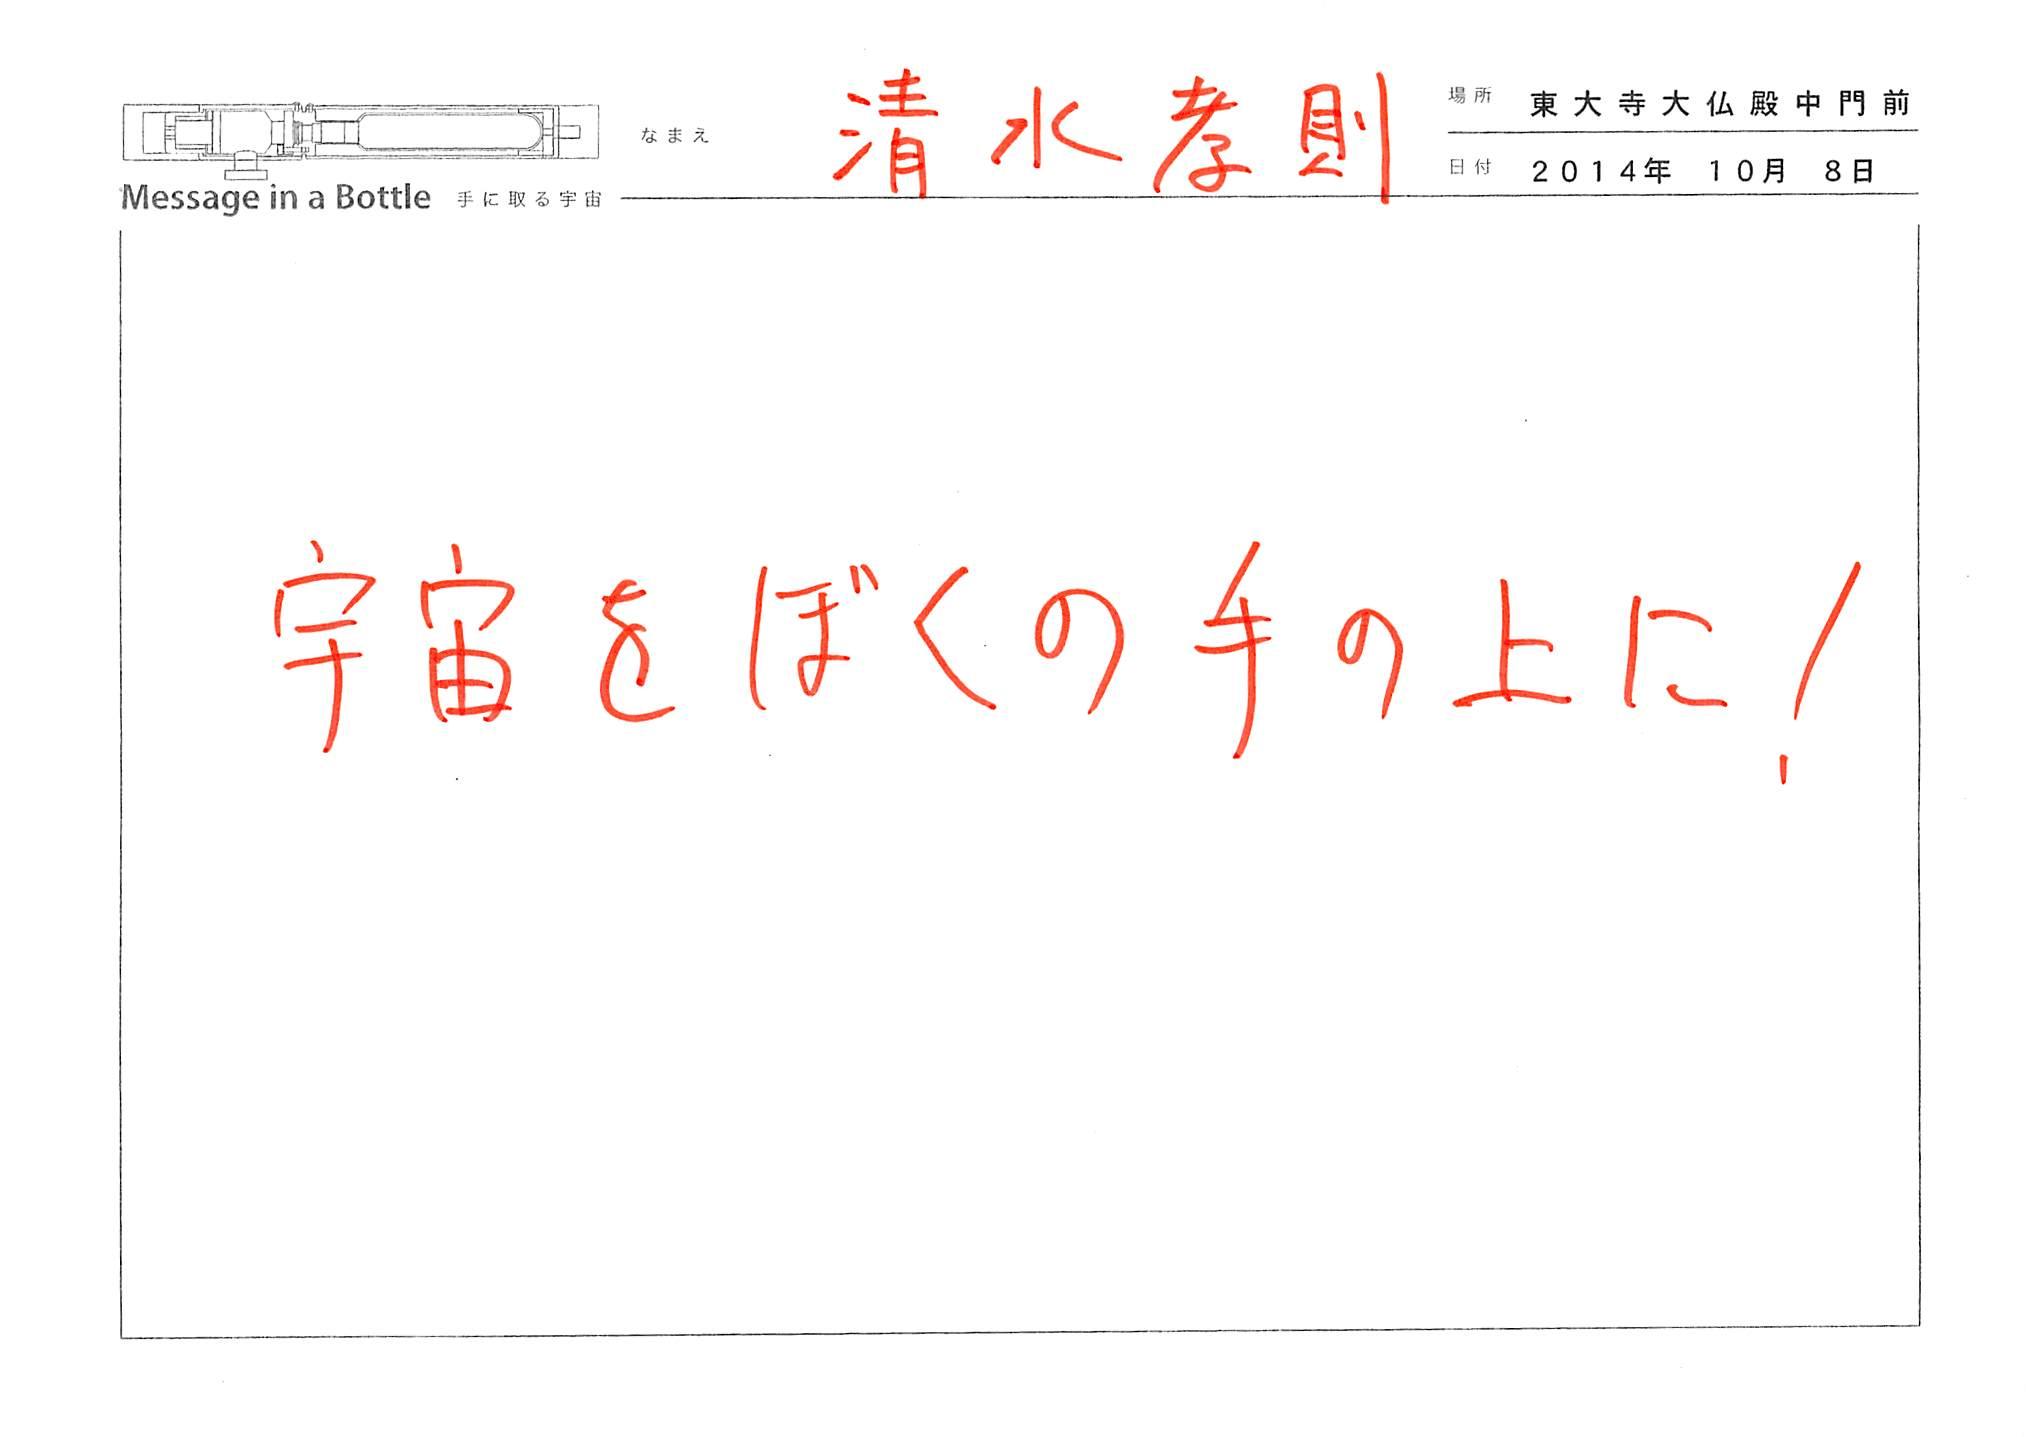 2014-10-08-19-03-04.jpg